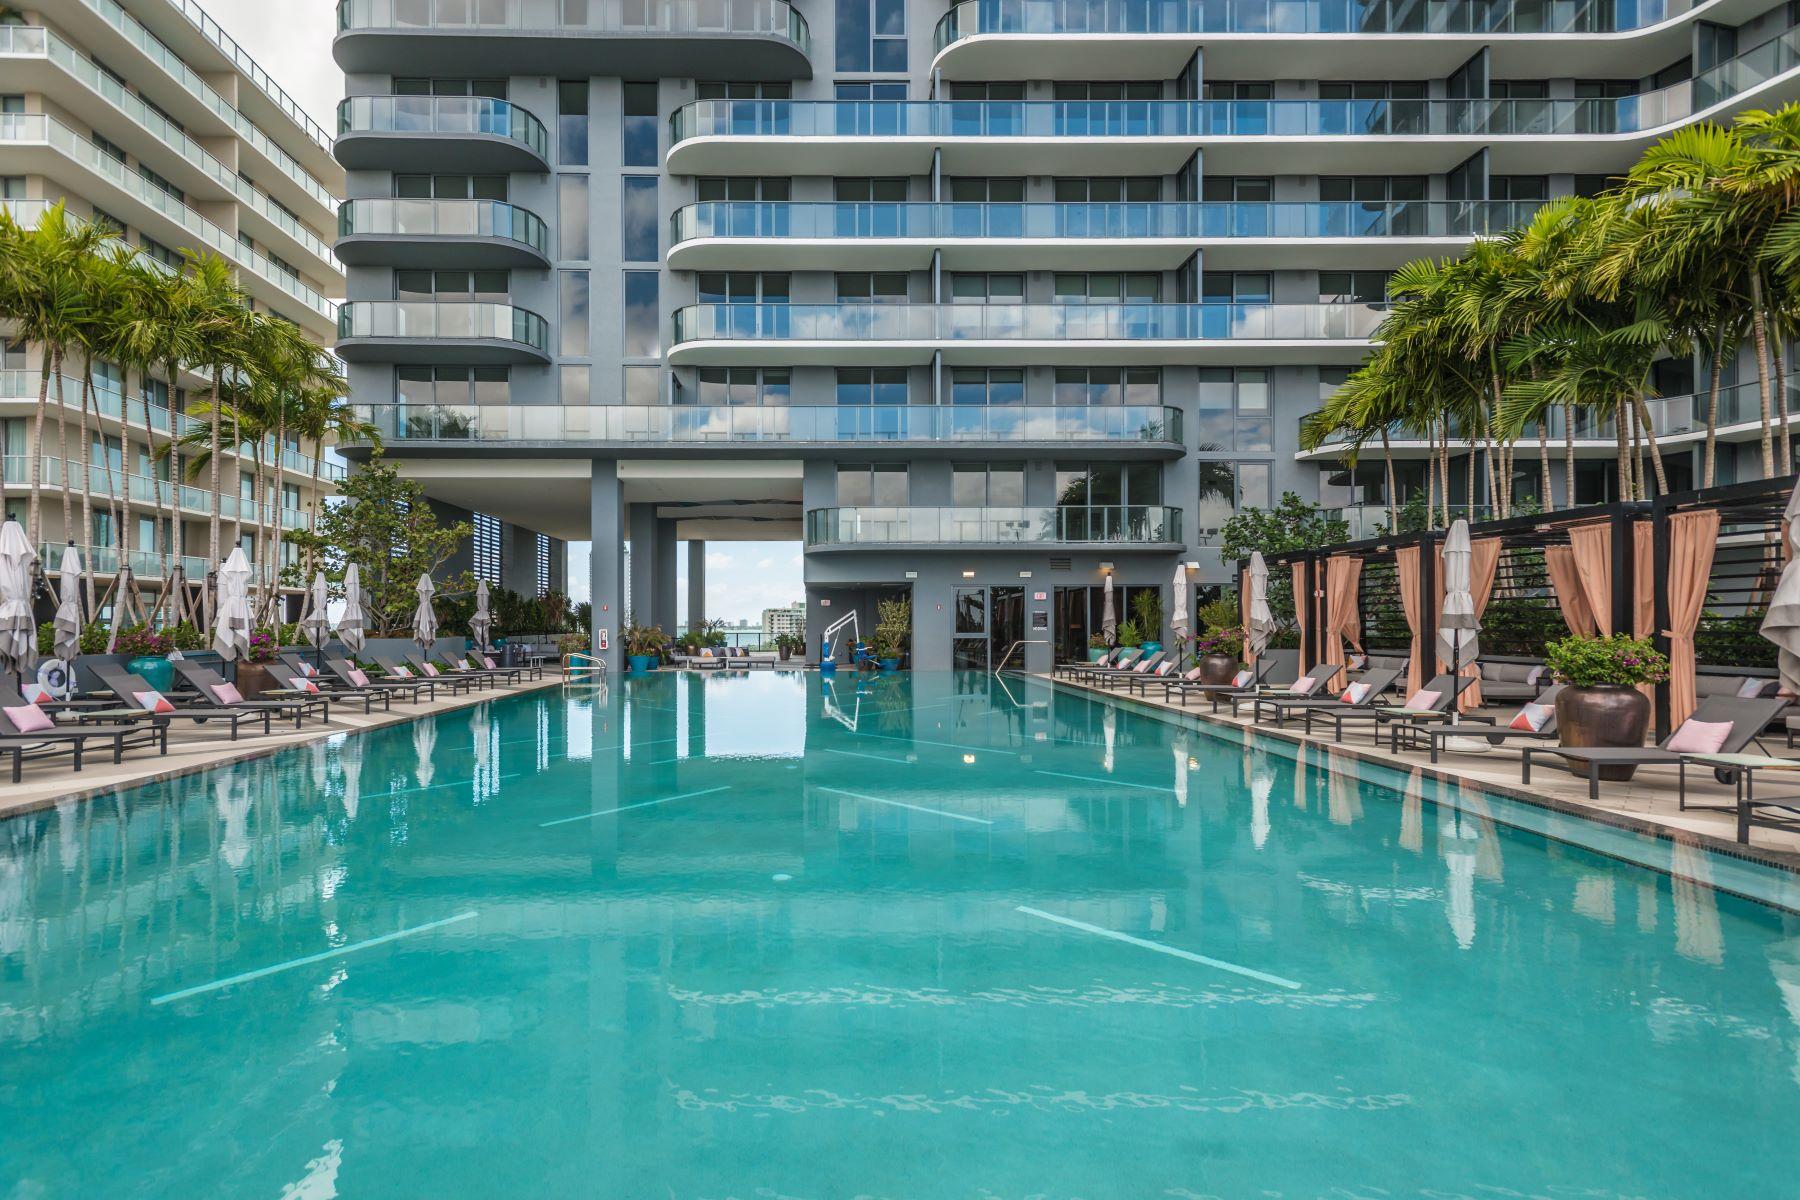 Condominium for Sale at 121 Ne 34 St 121 Ne 34 St 901 Miami, Florida 33137 United States